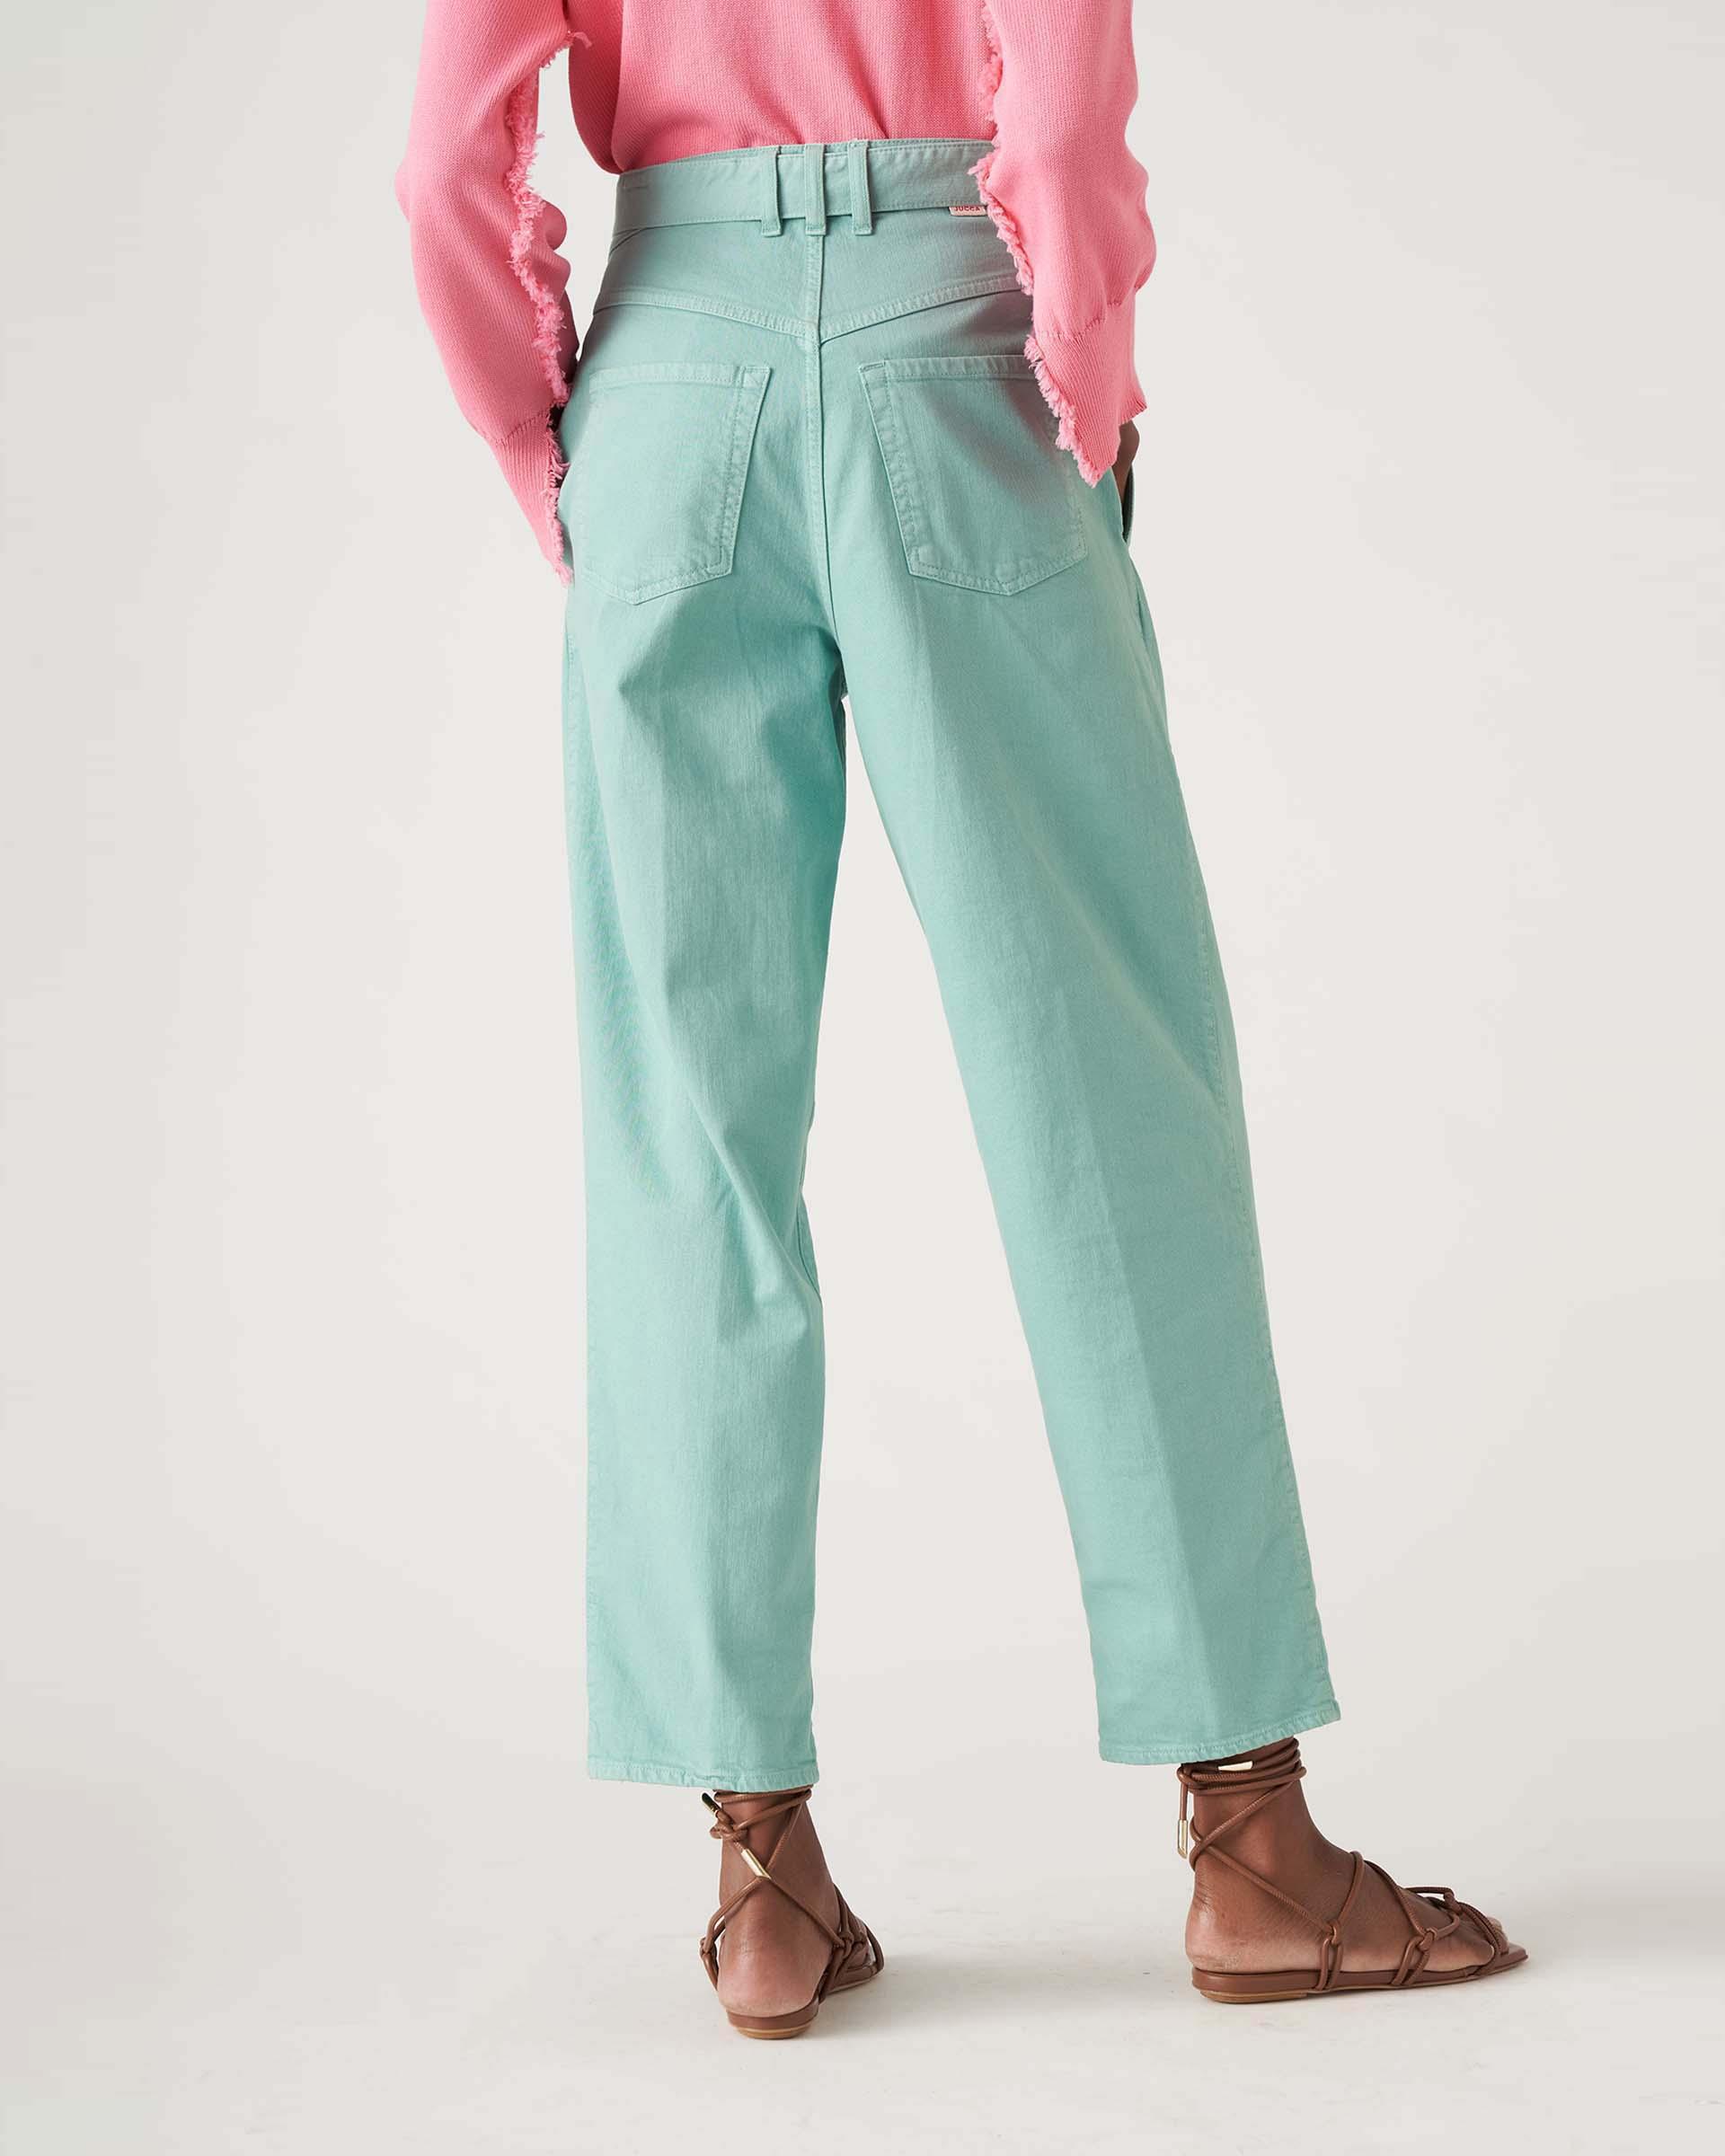 Pantalone in denim aurora vita alta con cintura a fusciacca JUCCA | Pantaloni | J3314019314